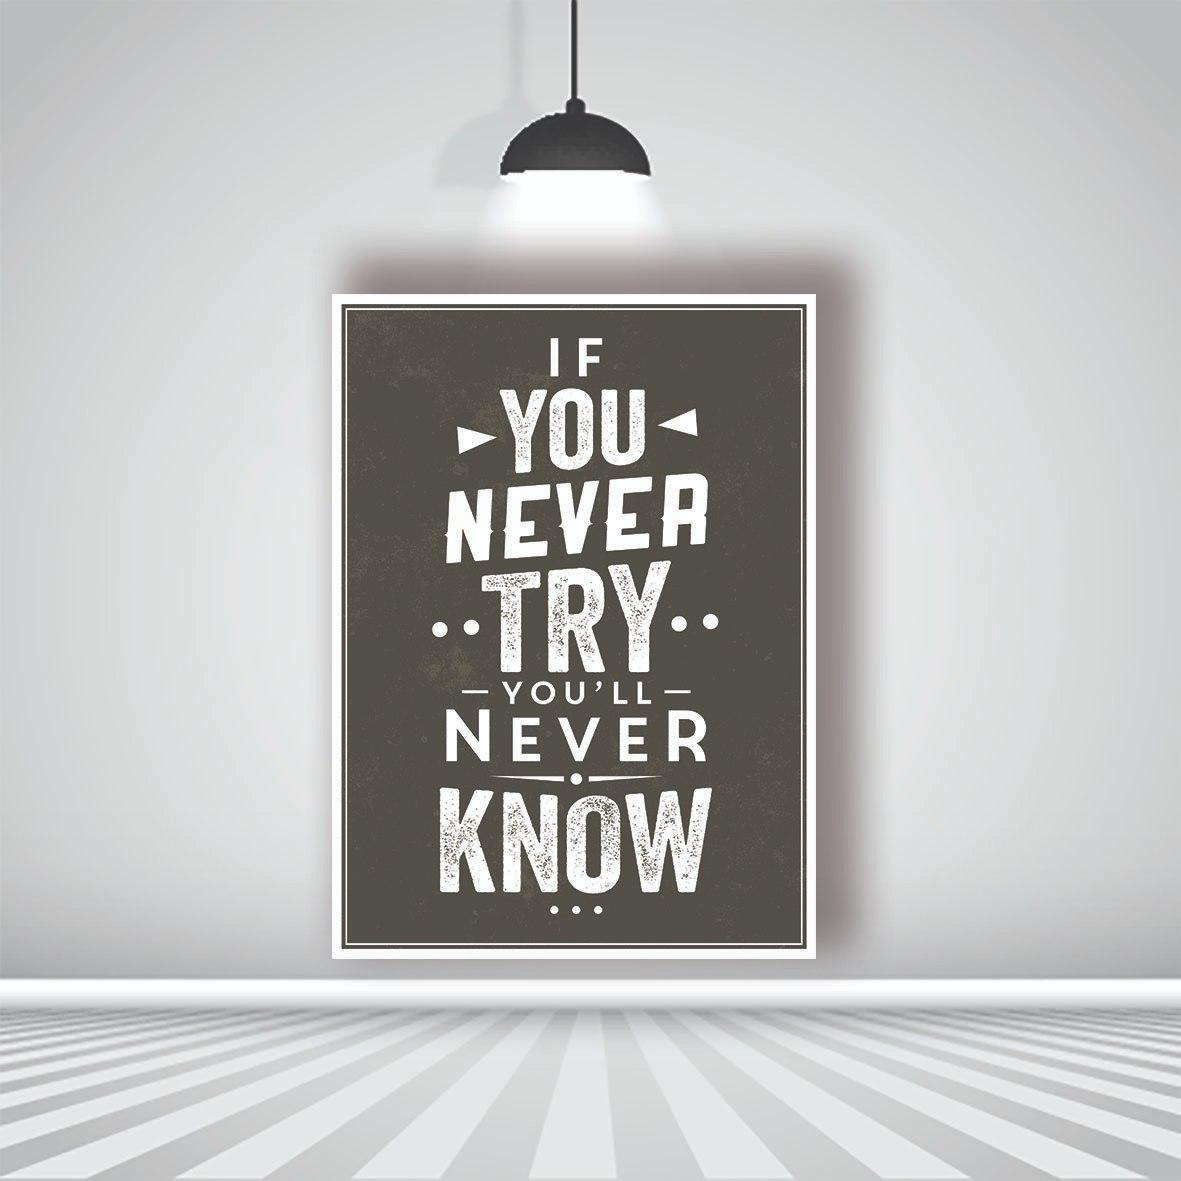 אם לא תנסה לעולם לא תדע